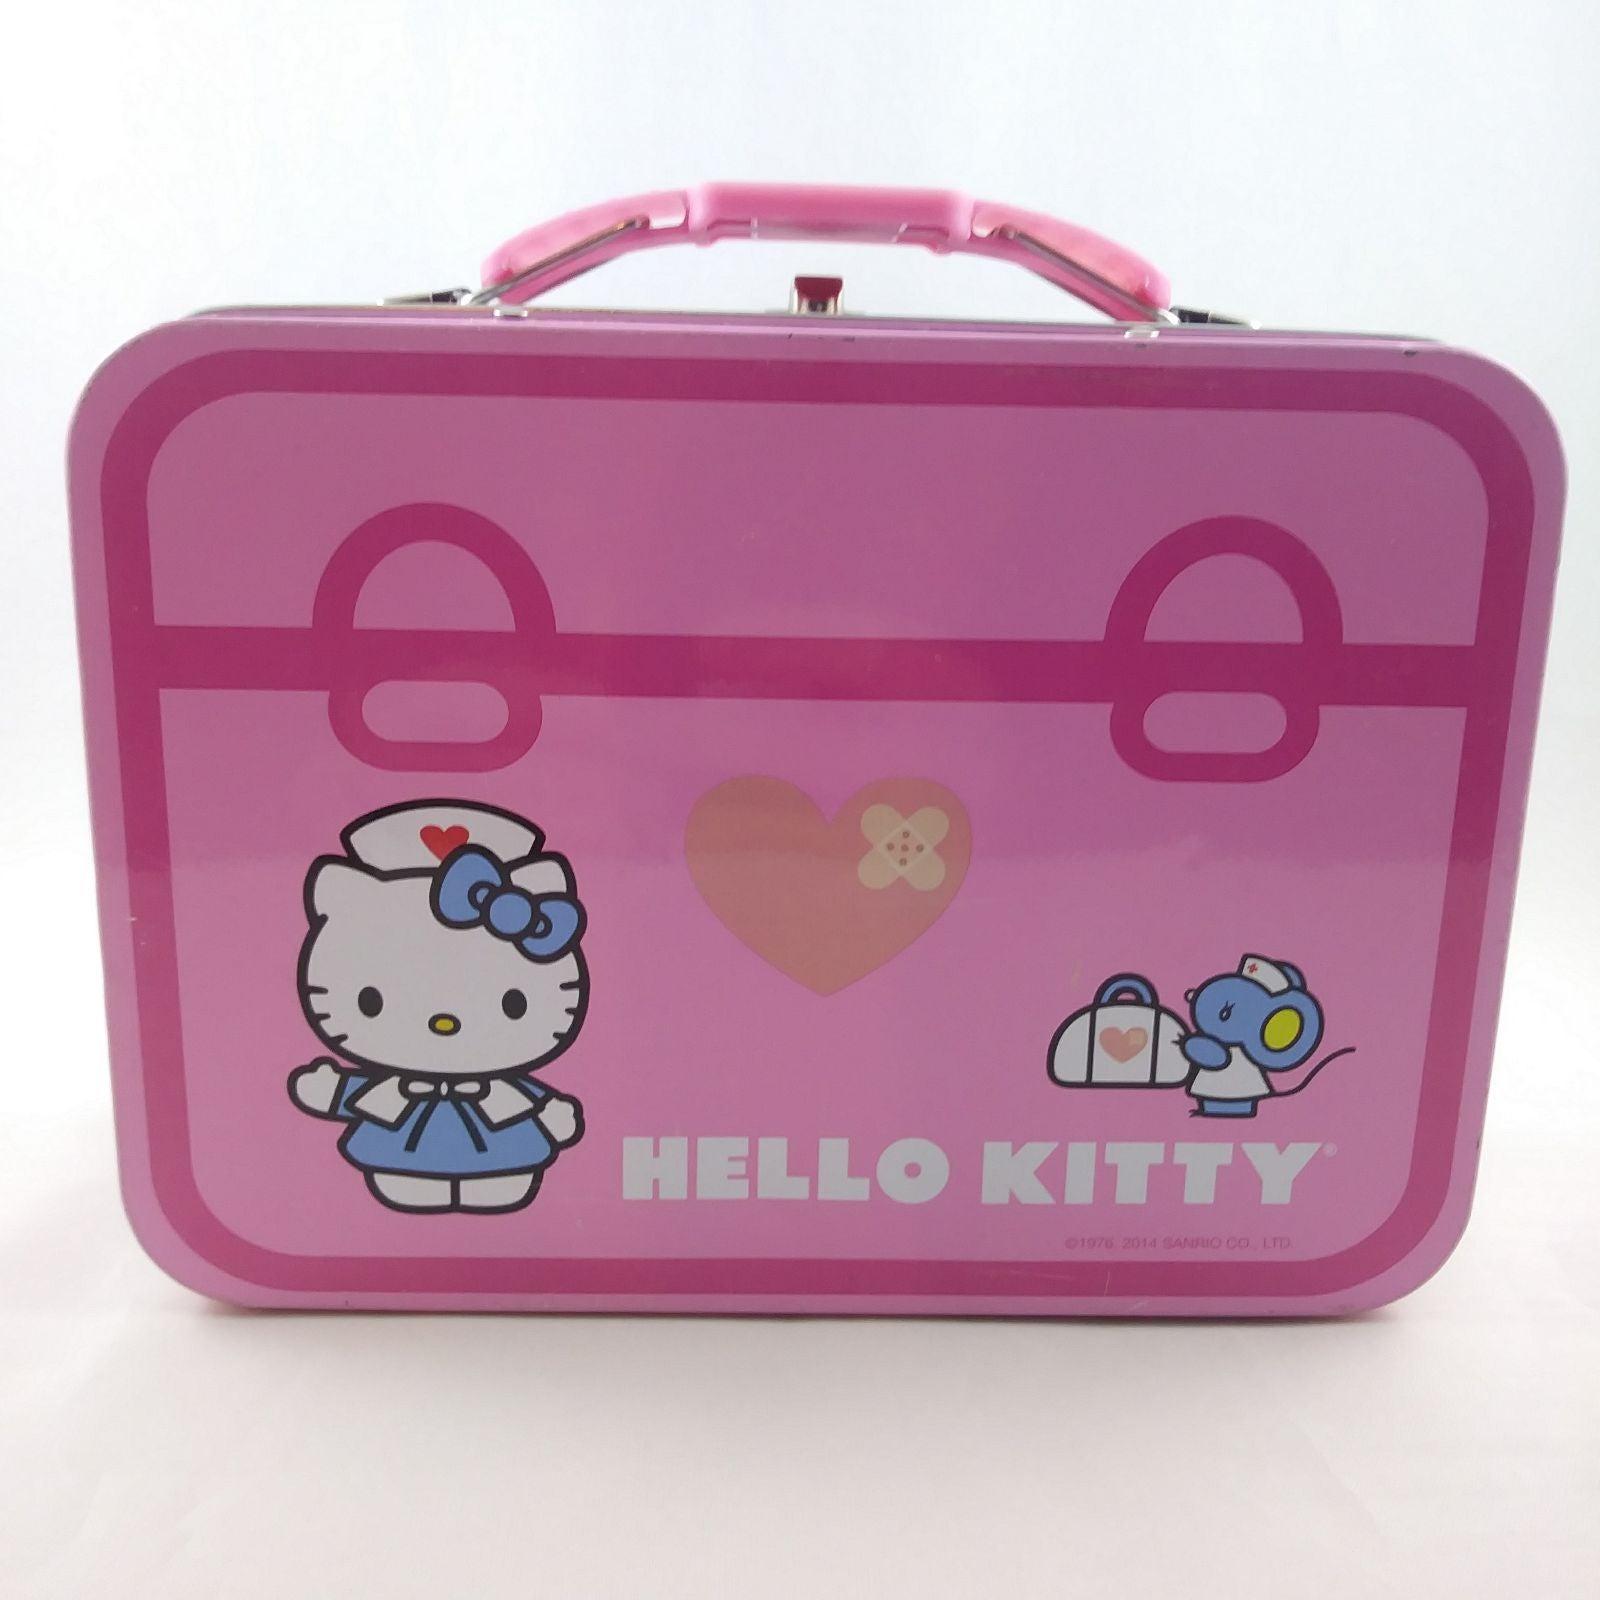 Hello Kitty First Aid Kit Tin Box Sanrio